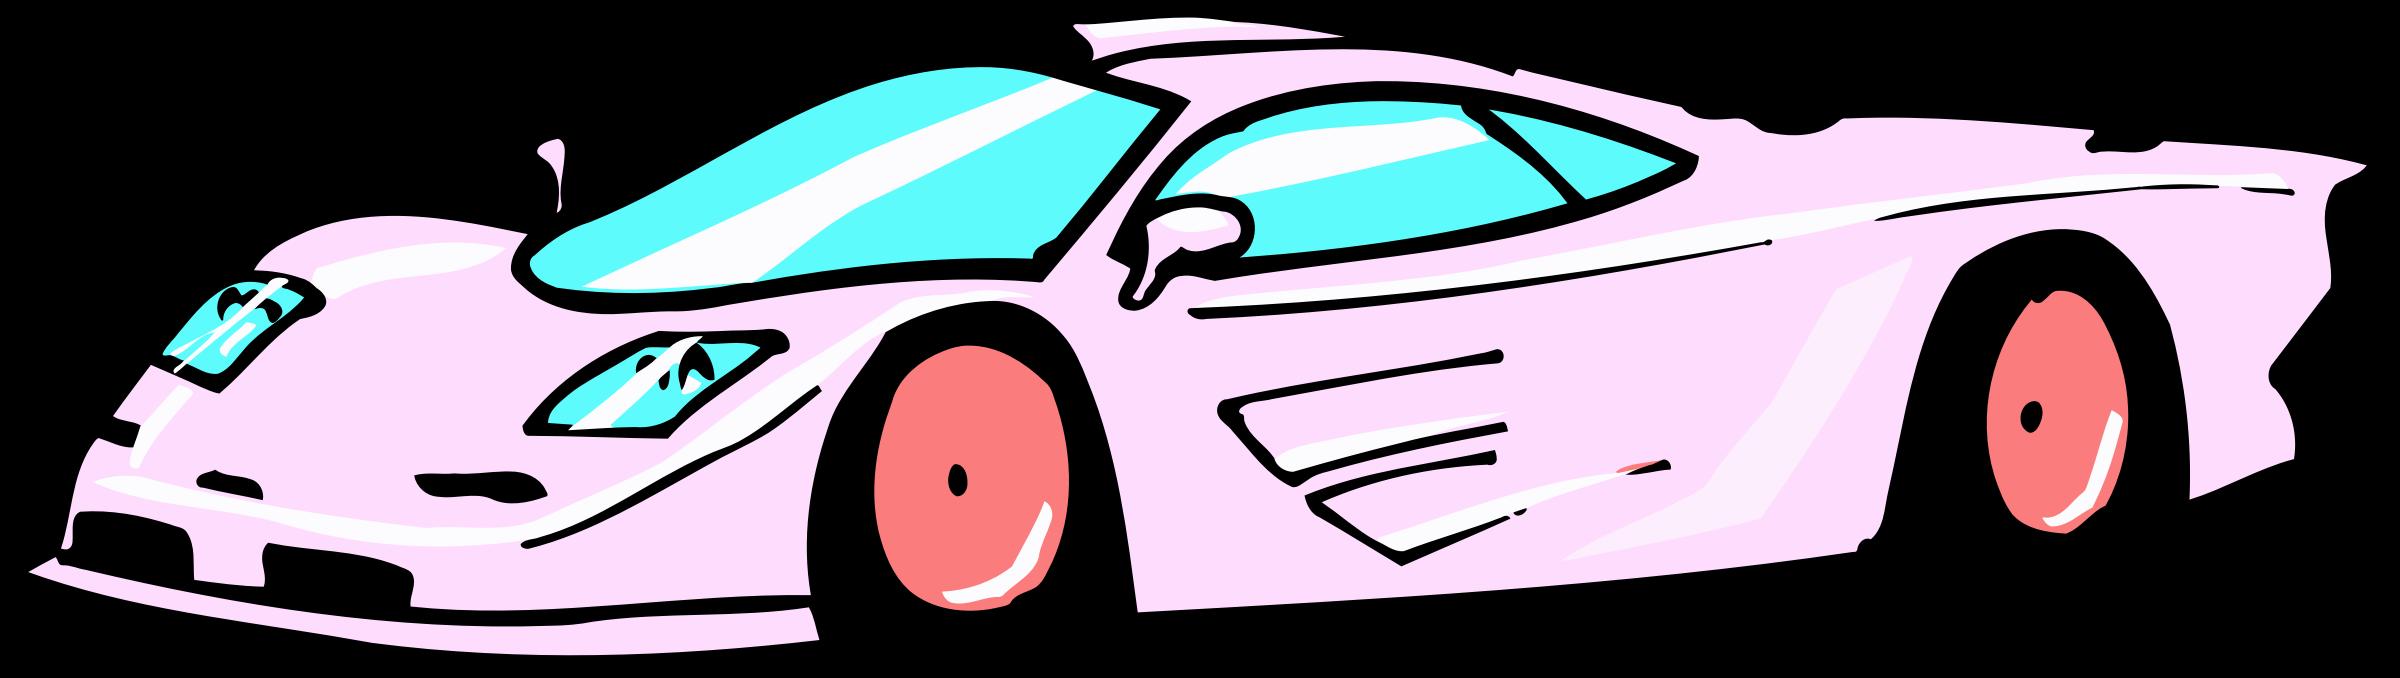 Modified race car clipart png transparent library Clipart - McLaren racer png transparent library